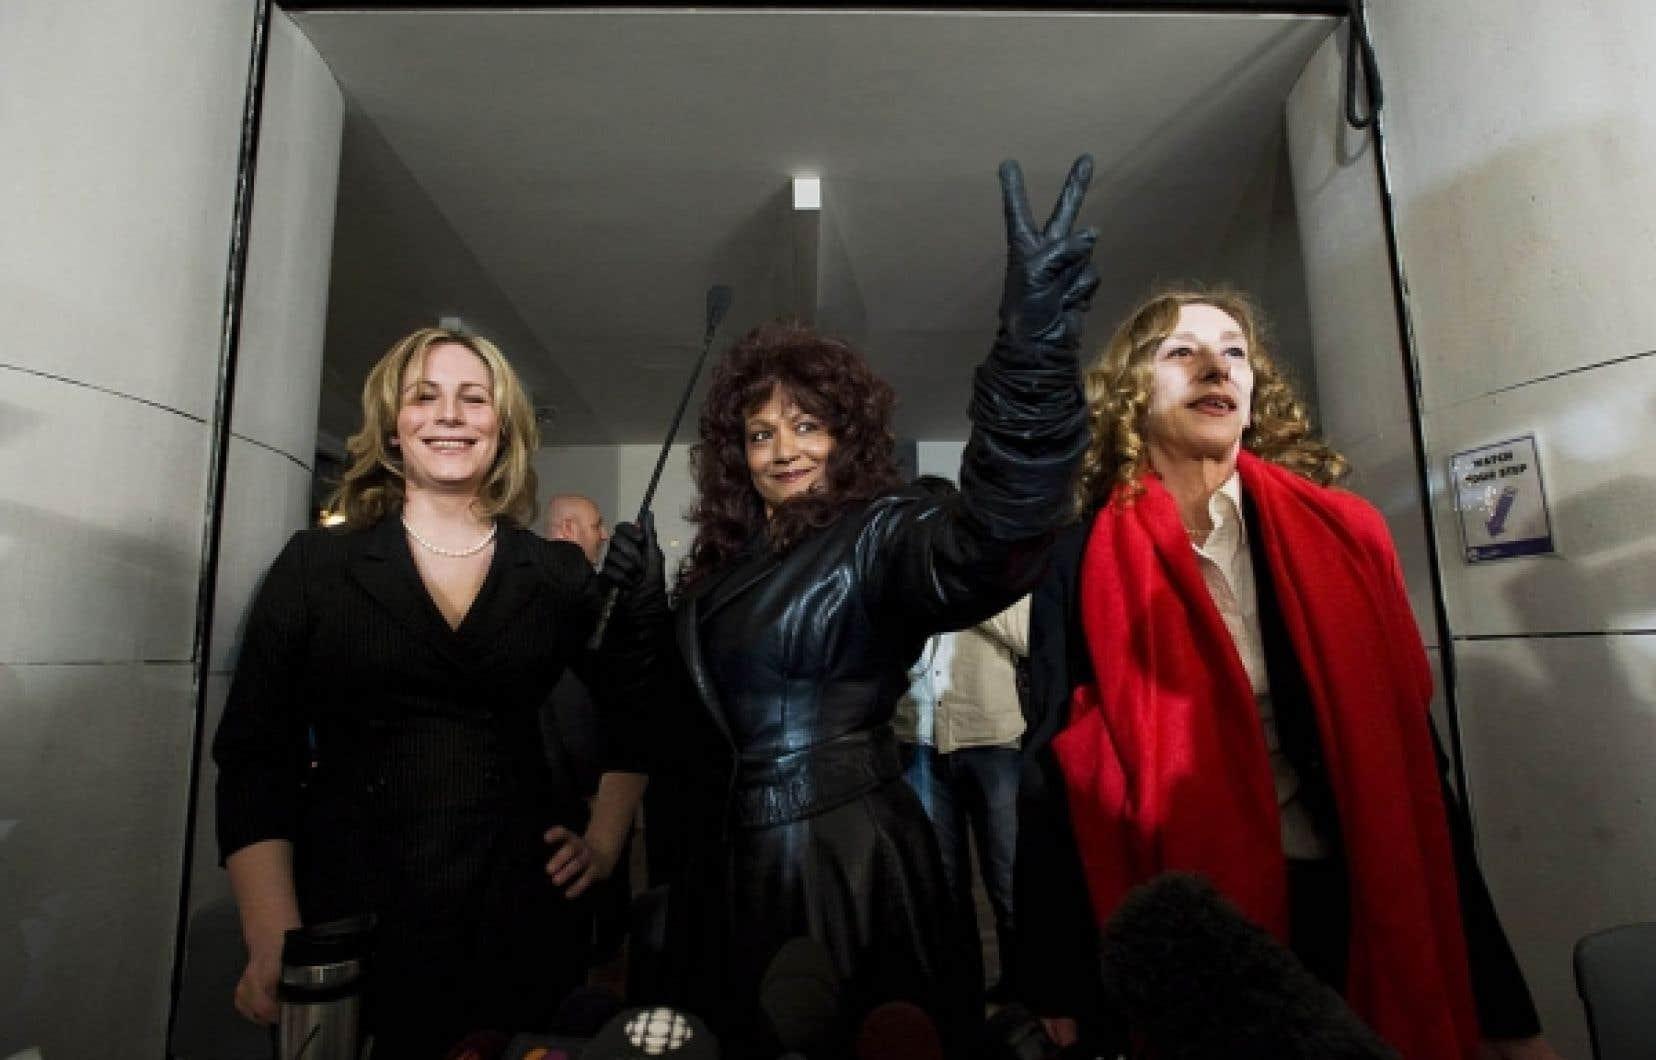 Terri Jean Bedford, entourée de Nikki Thomas (à gauche) et de Valerie Scott, fait le signe de la victoire après l'annonce, hier, de la légalisation des maisons de débauche par la Cour d'appel de l'Ontario.